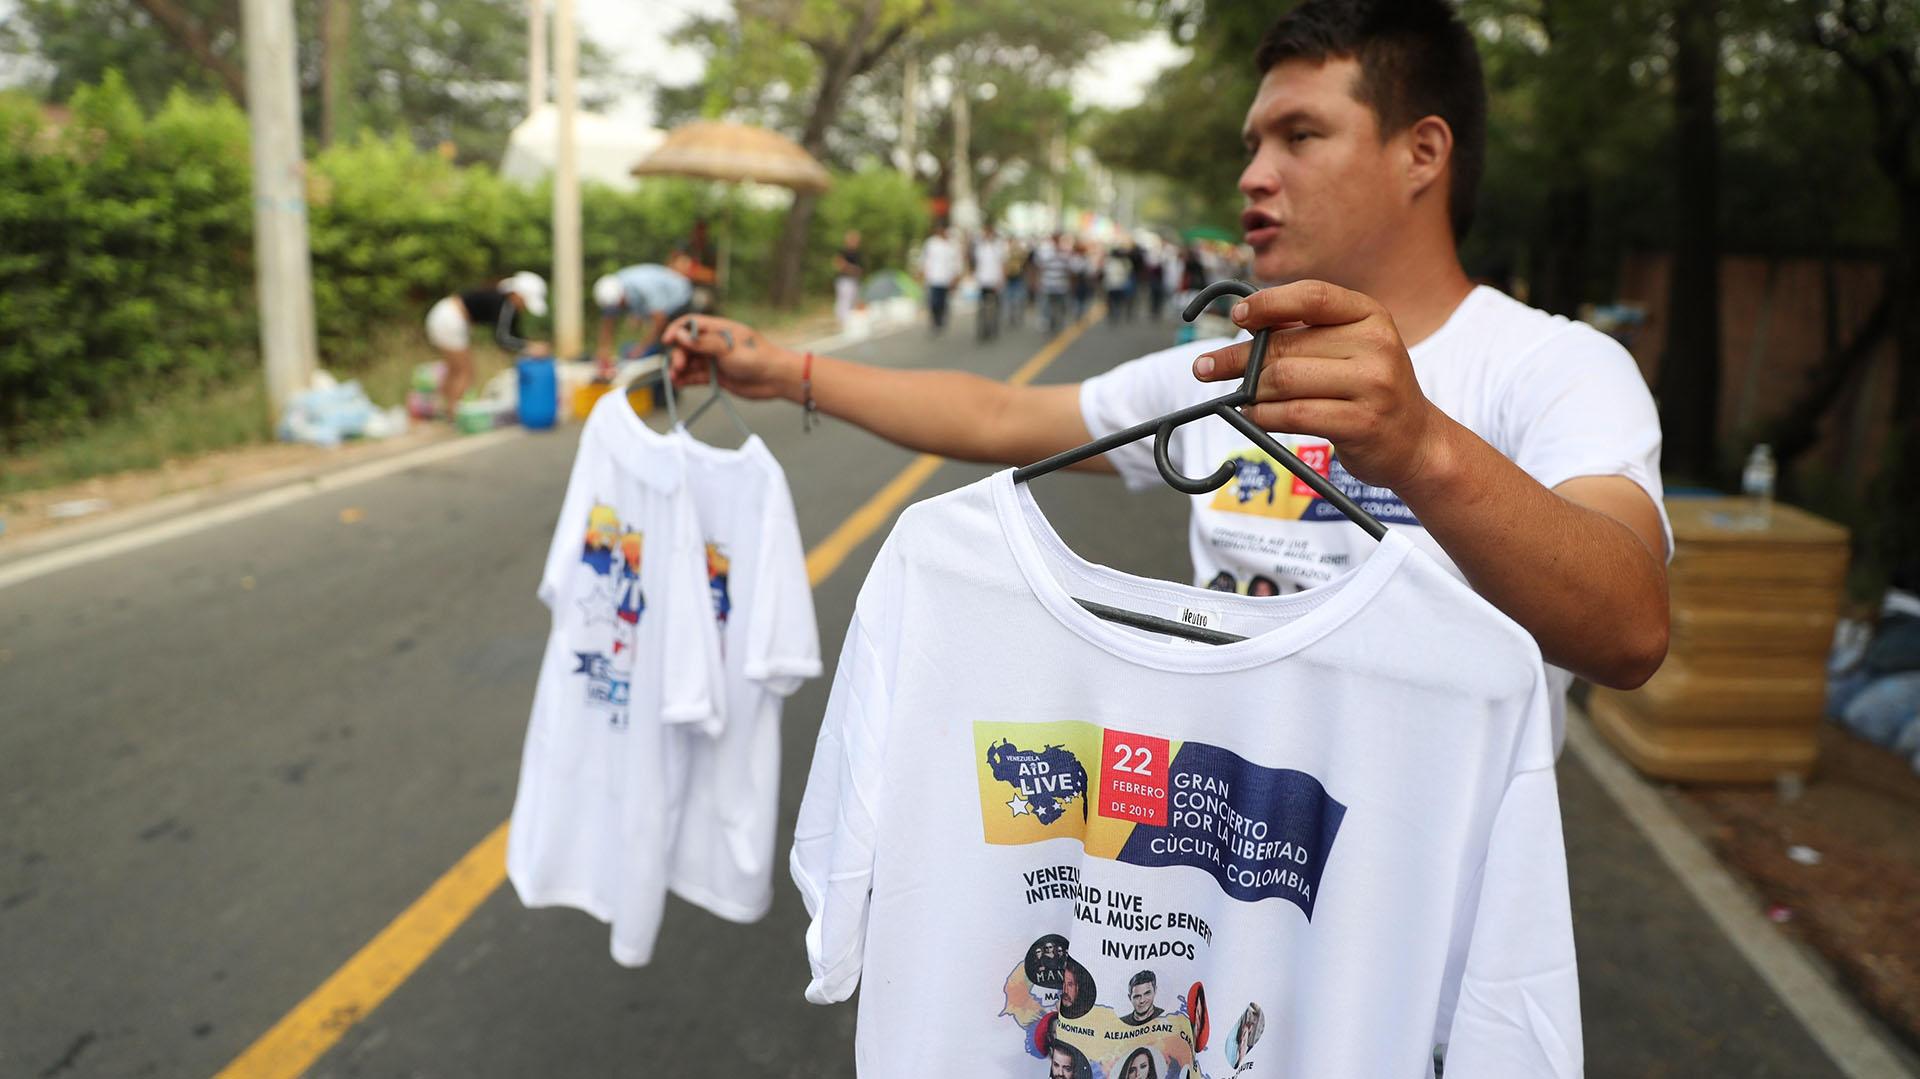 Un hombre vende camisetas previo al concierto Venezuela Aid Live este viernes, en Cúcuta (Colombia) (EFE/ Ernesto Guzmán)